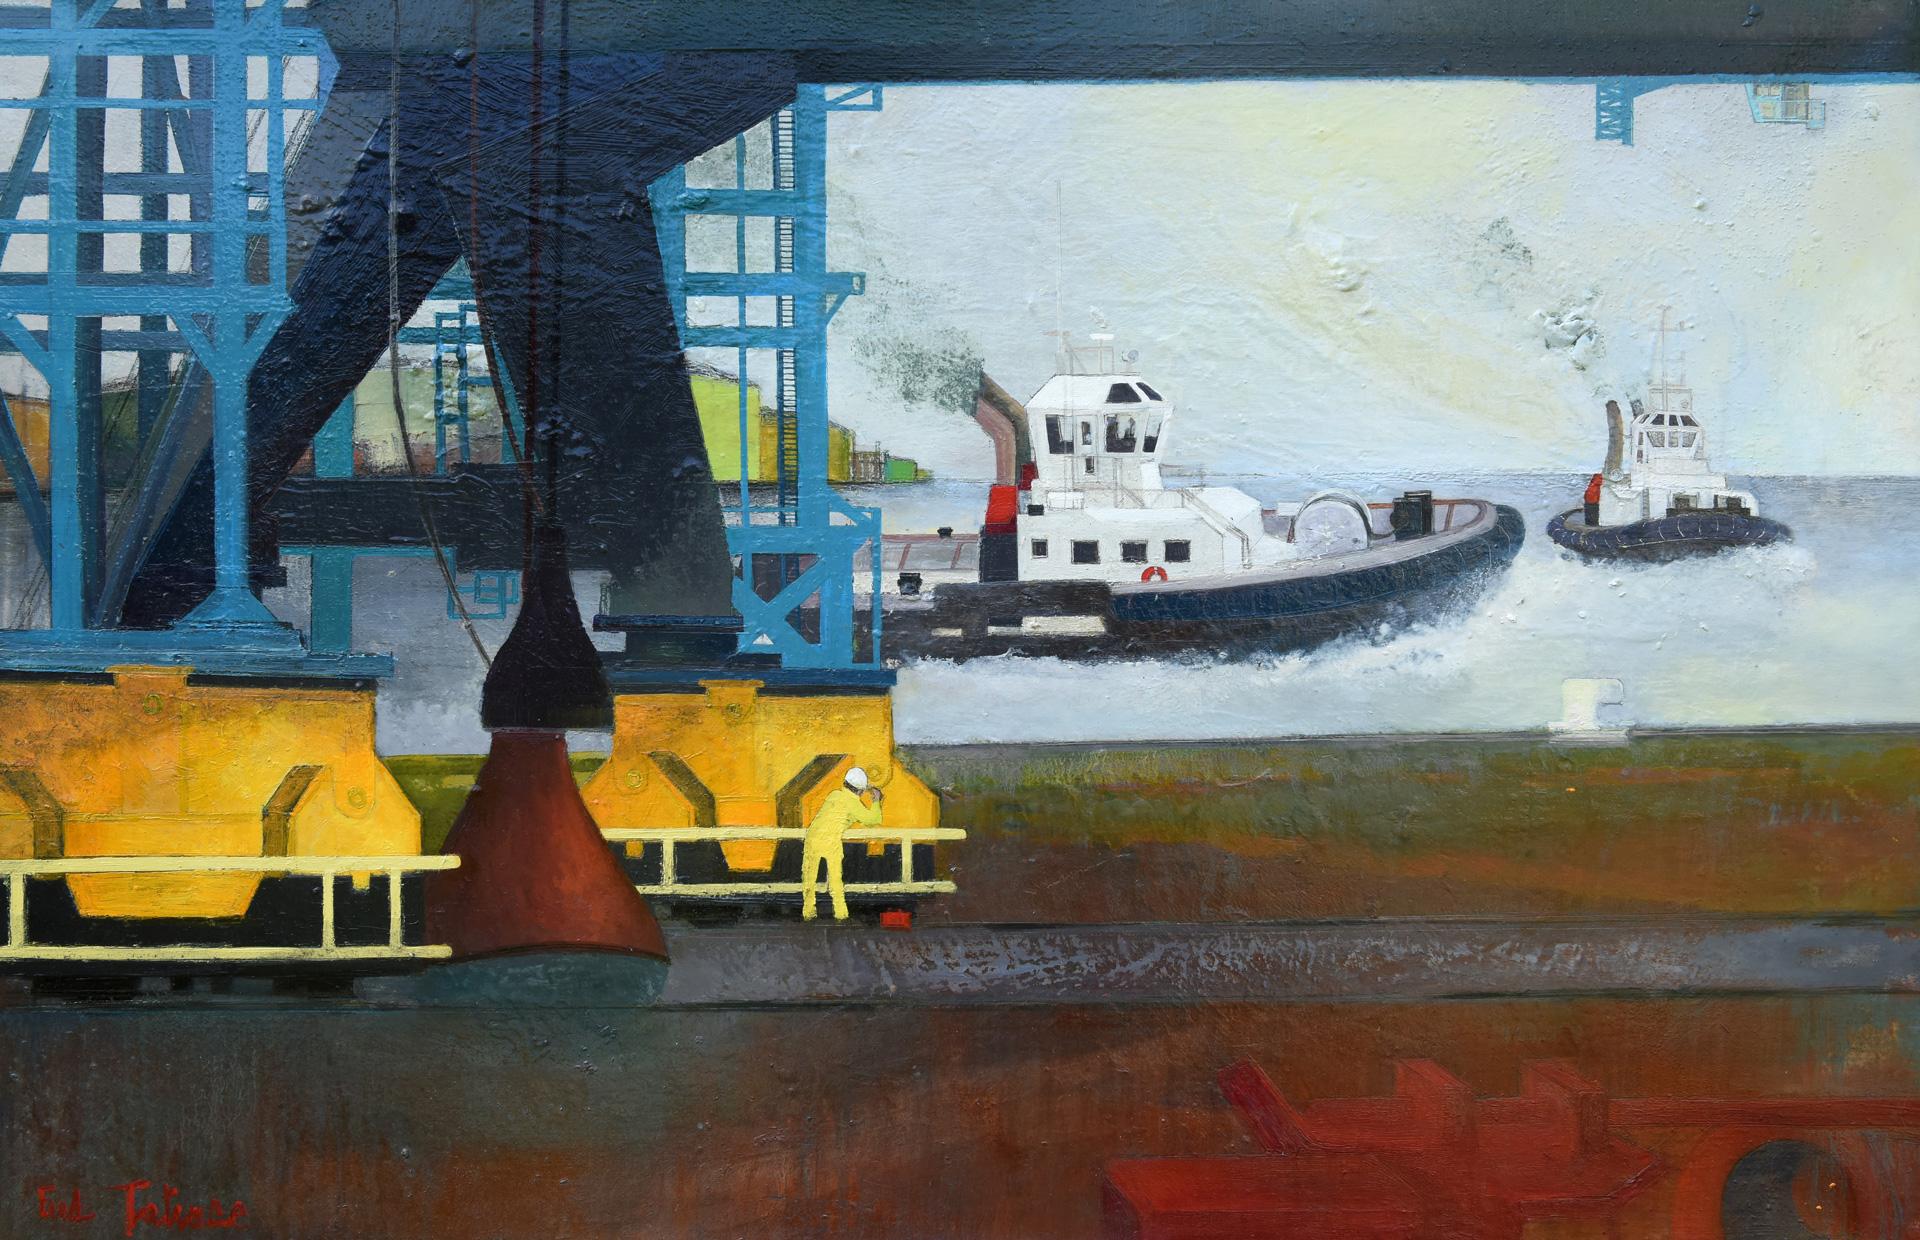 ROTTERDAM - Huile sur Toile de 100x65cm - Peintre Frédéric Latrace